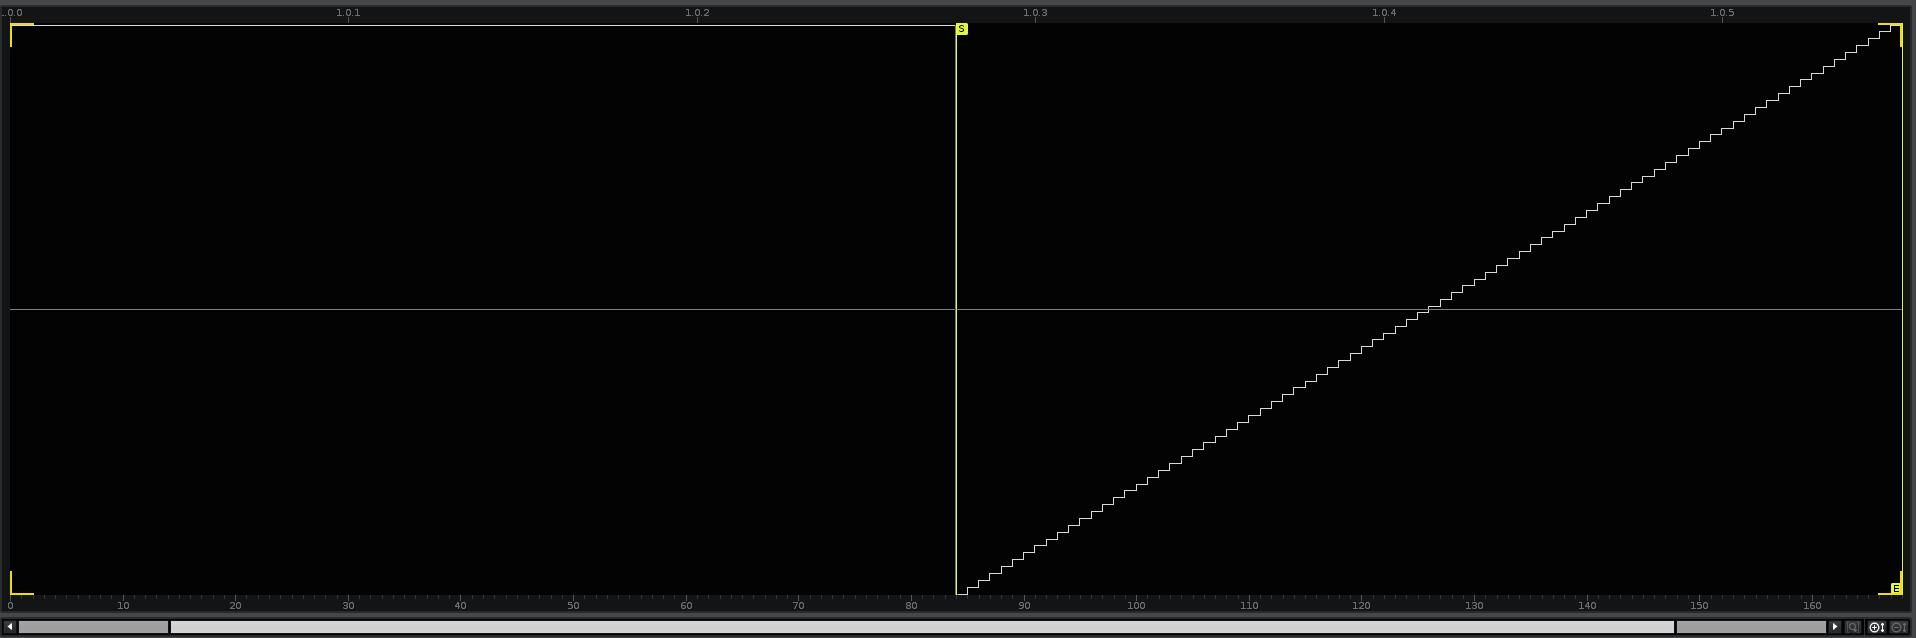 Screen shot 2012-10-15 at 12.53.47.png